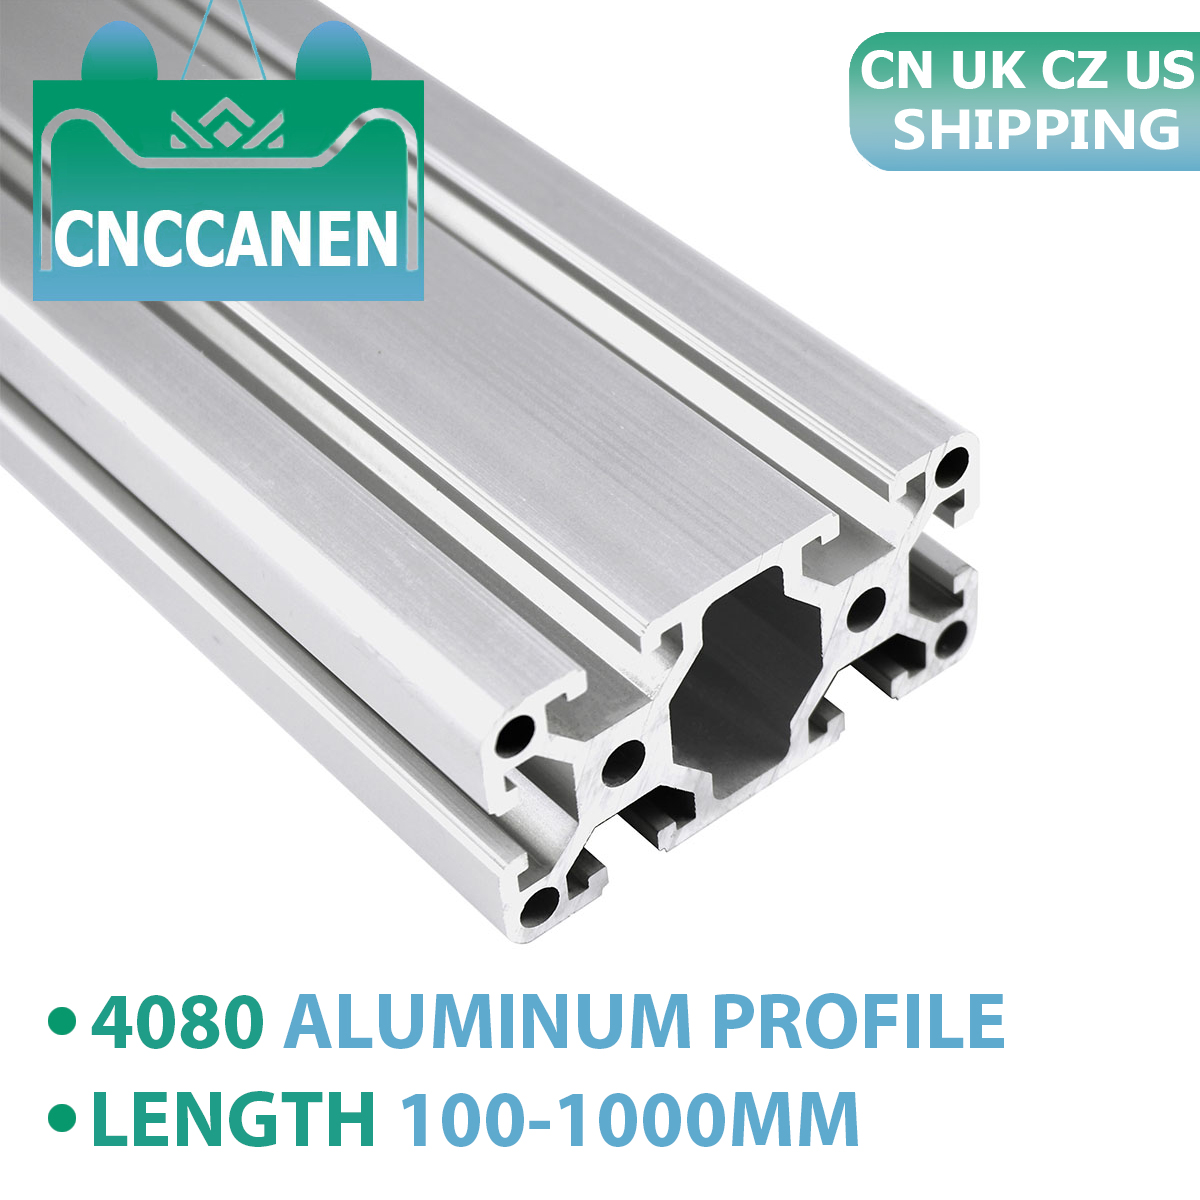 4080 экструзия алюминиевого профиля, европейский стандарт, анодированная линейная направляющая, алюминиевая экструзия, 4080 профиль для часте...